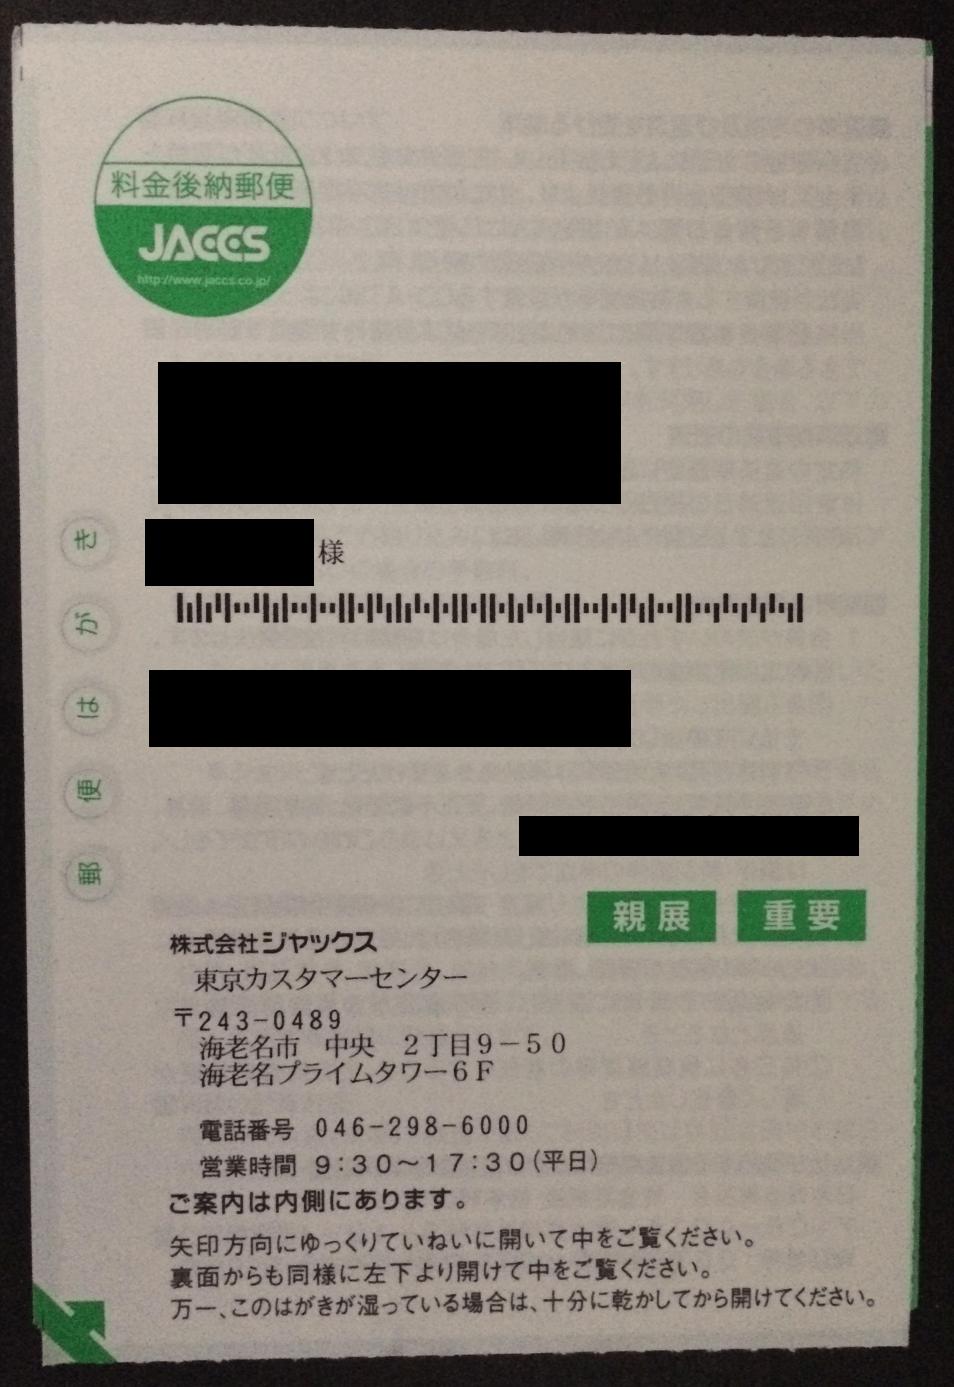 実際に届いていた手紙(下は開封したもの)1